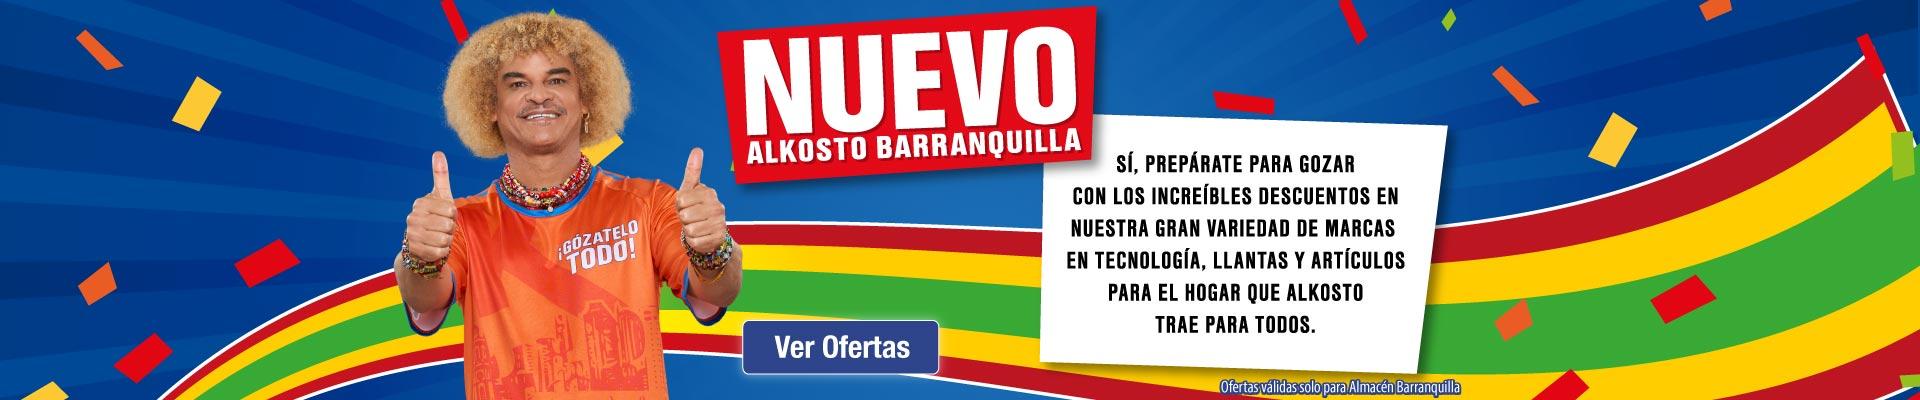 Alkosto Barranquilla